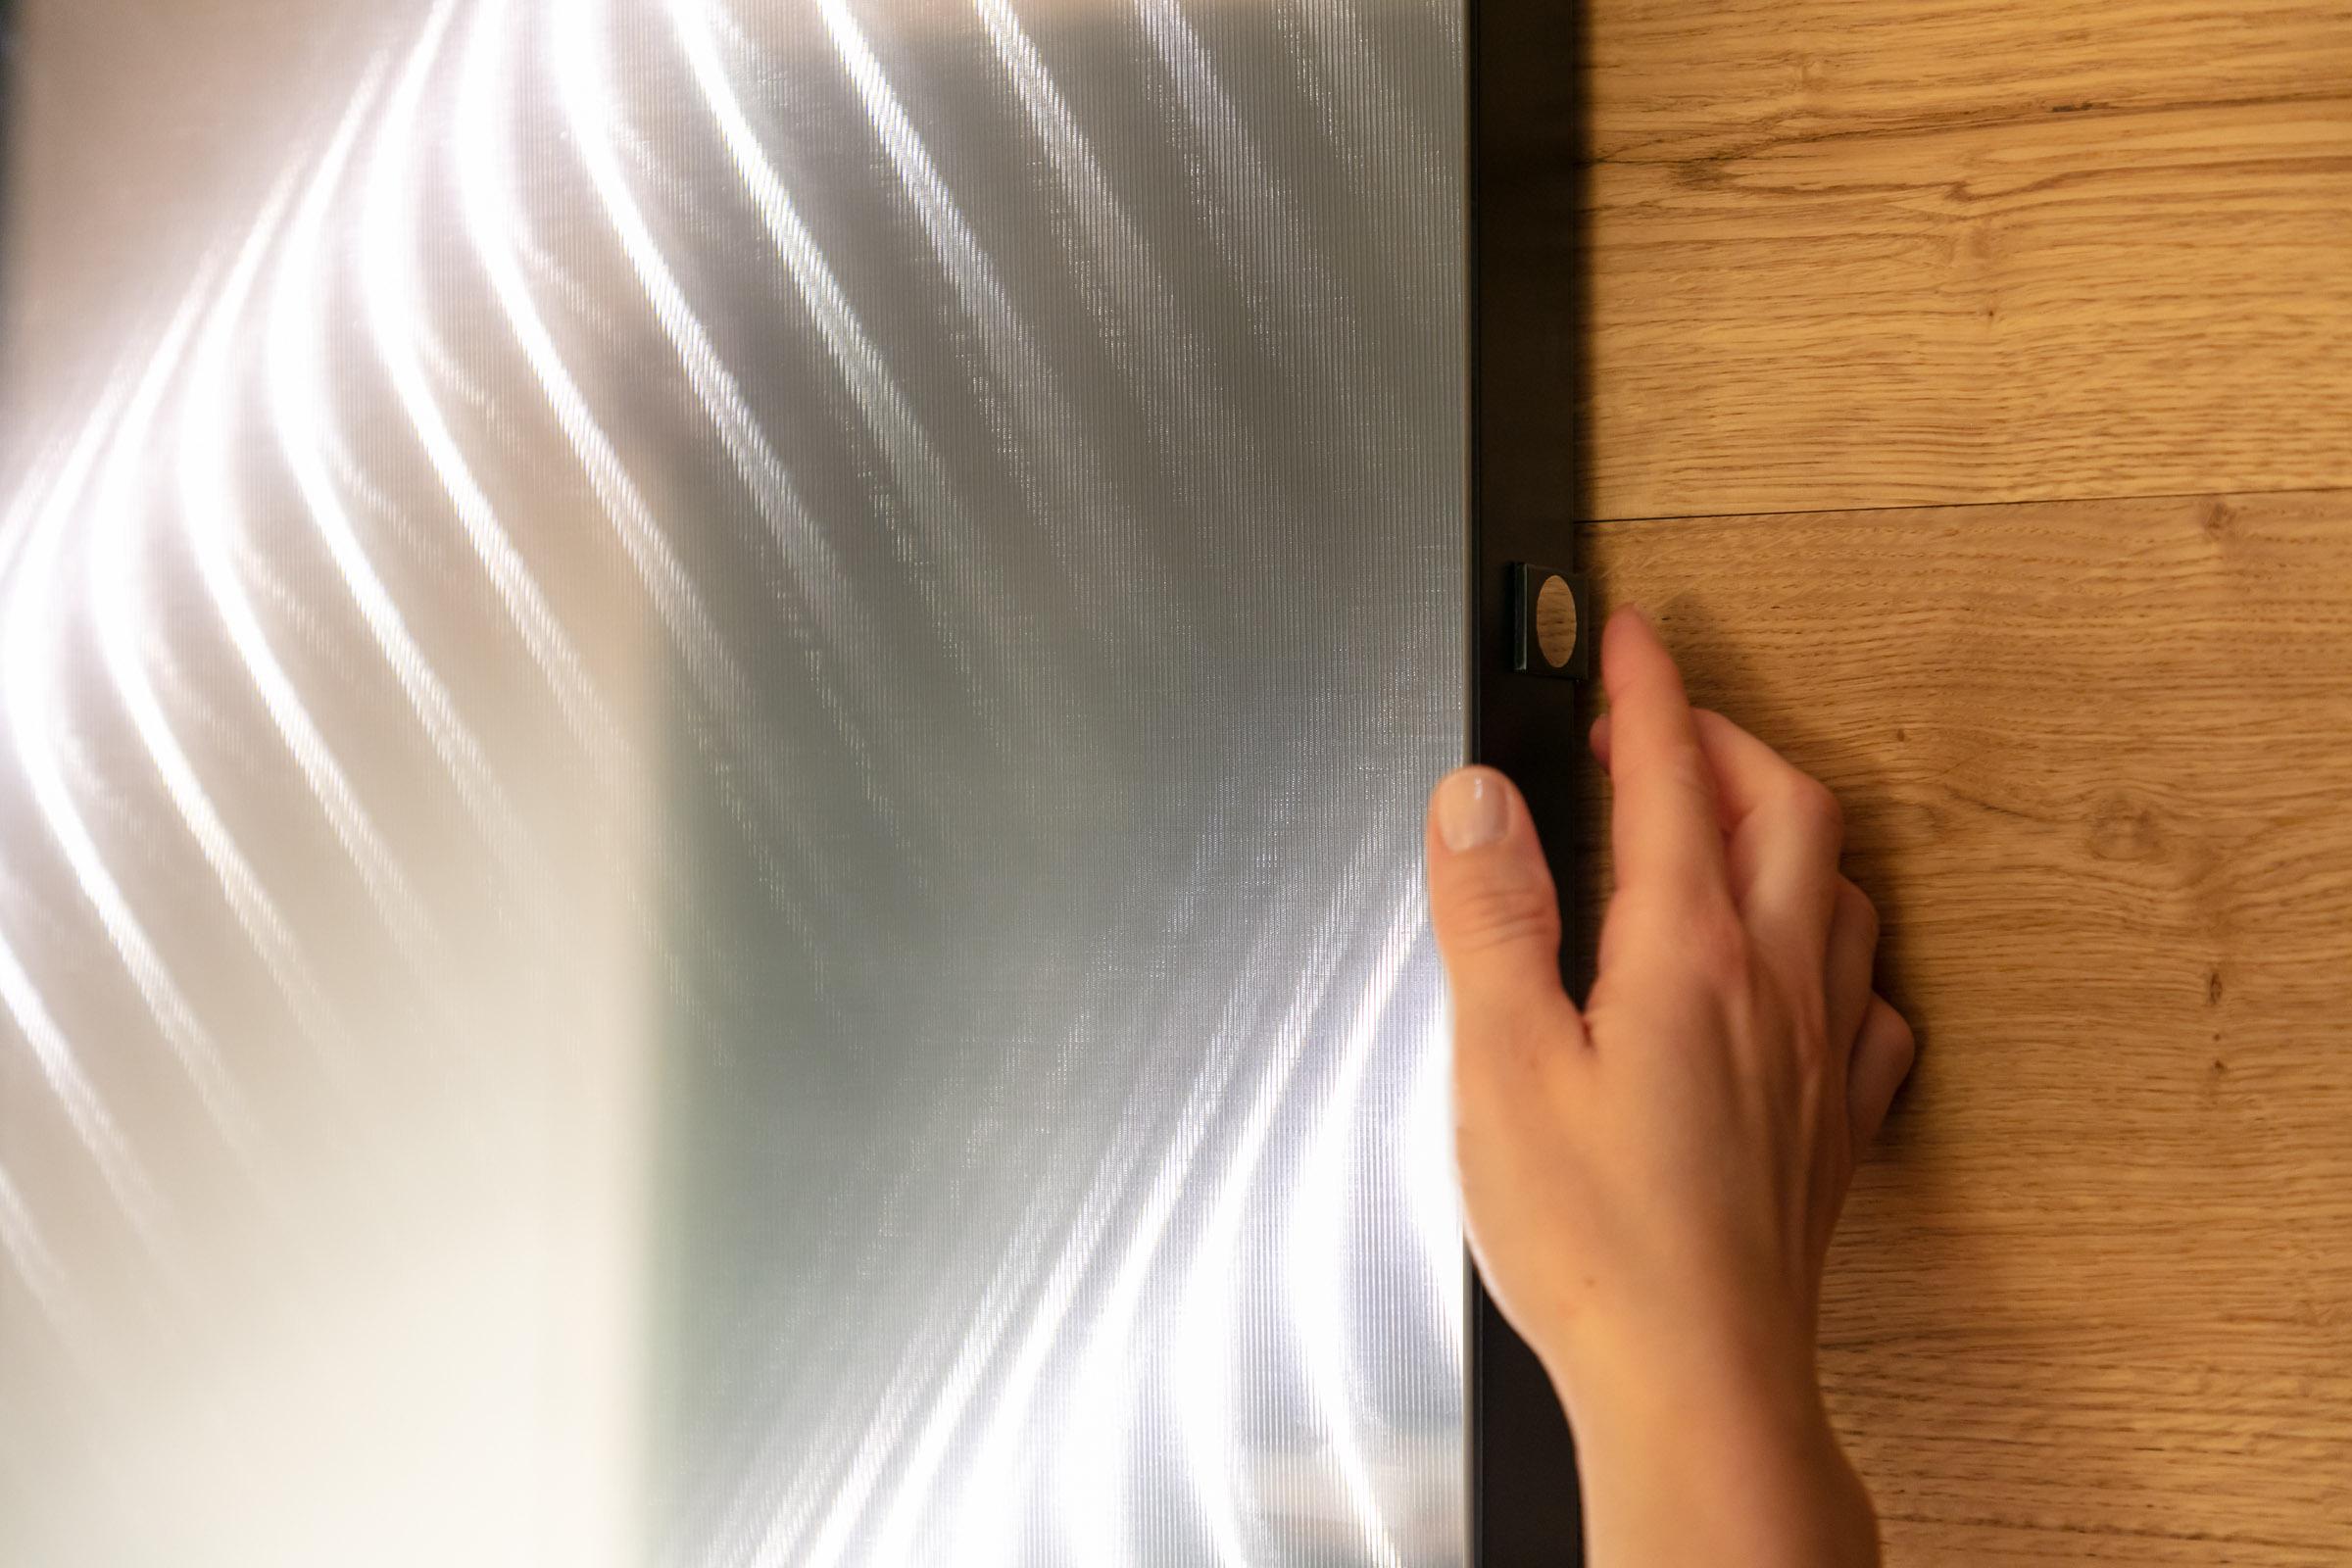 Wandspiegel wird mit Touchpanel ein- und ausgeschalten.